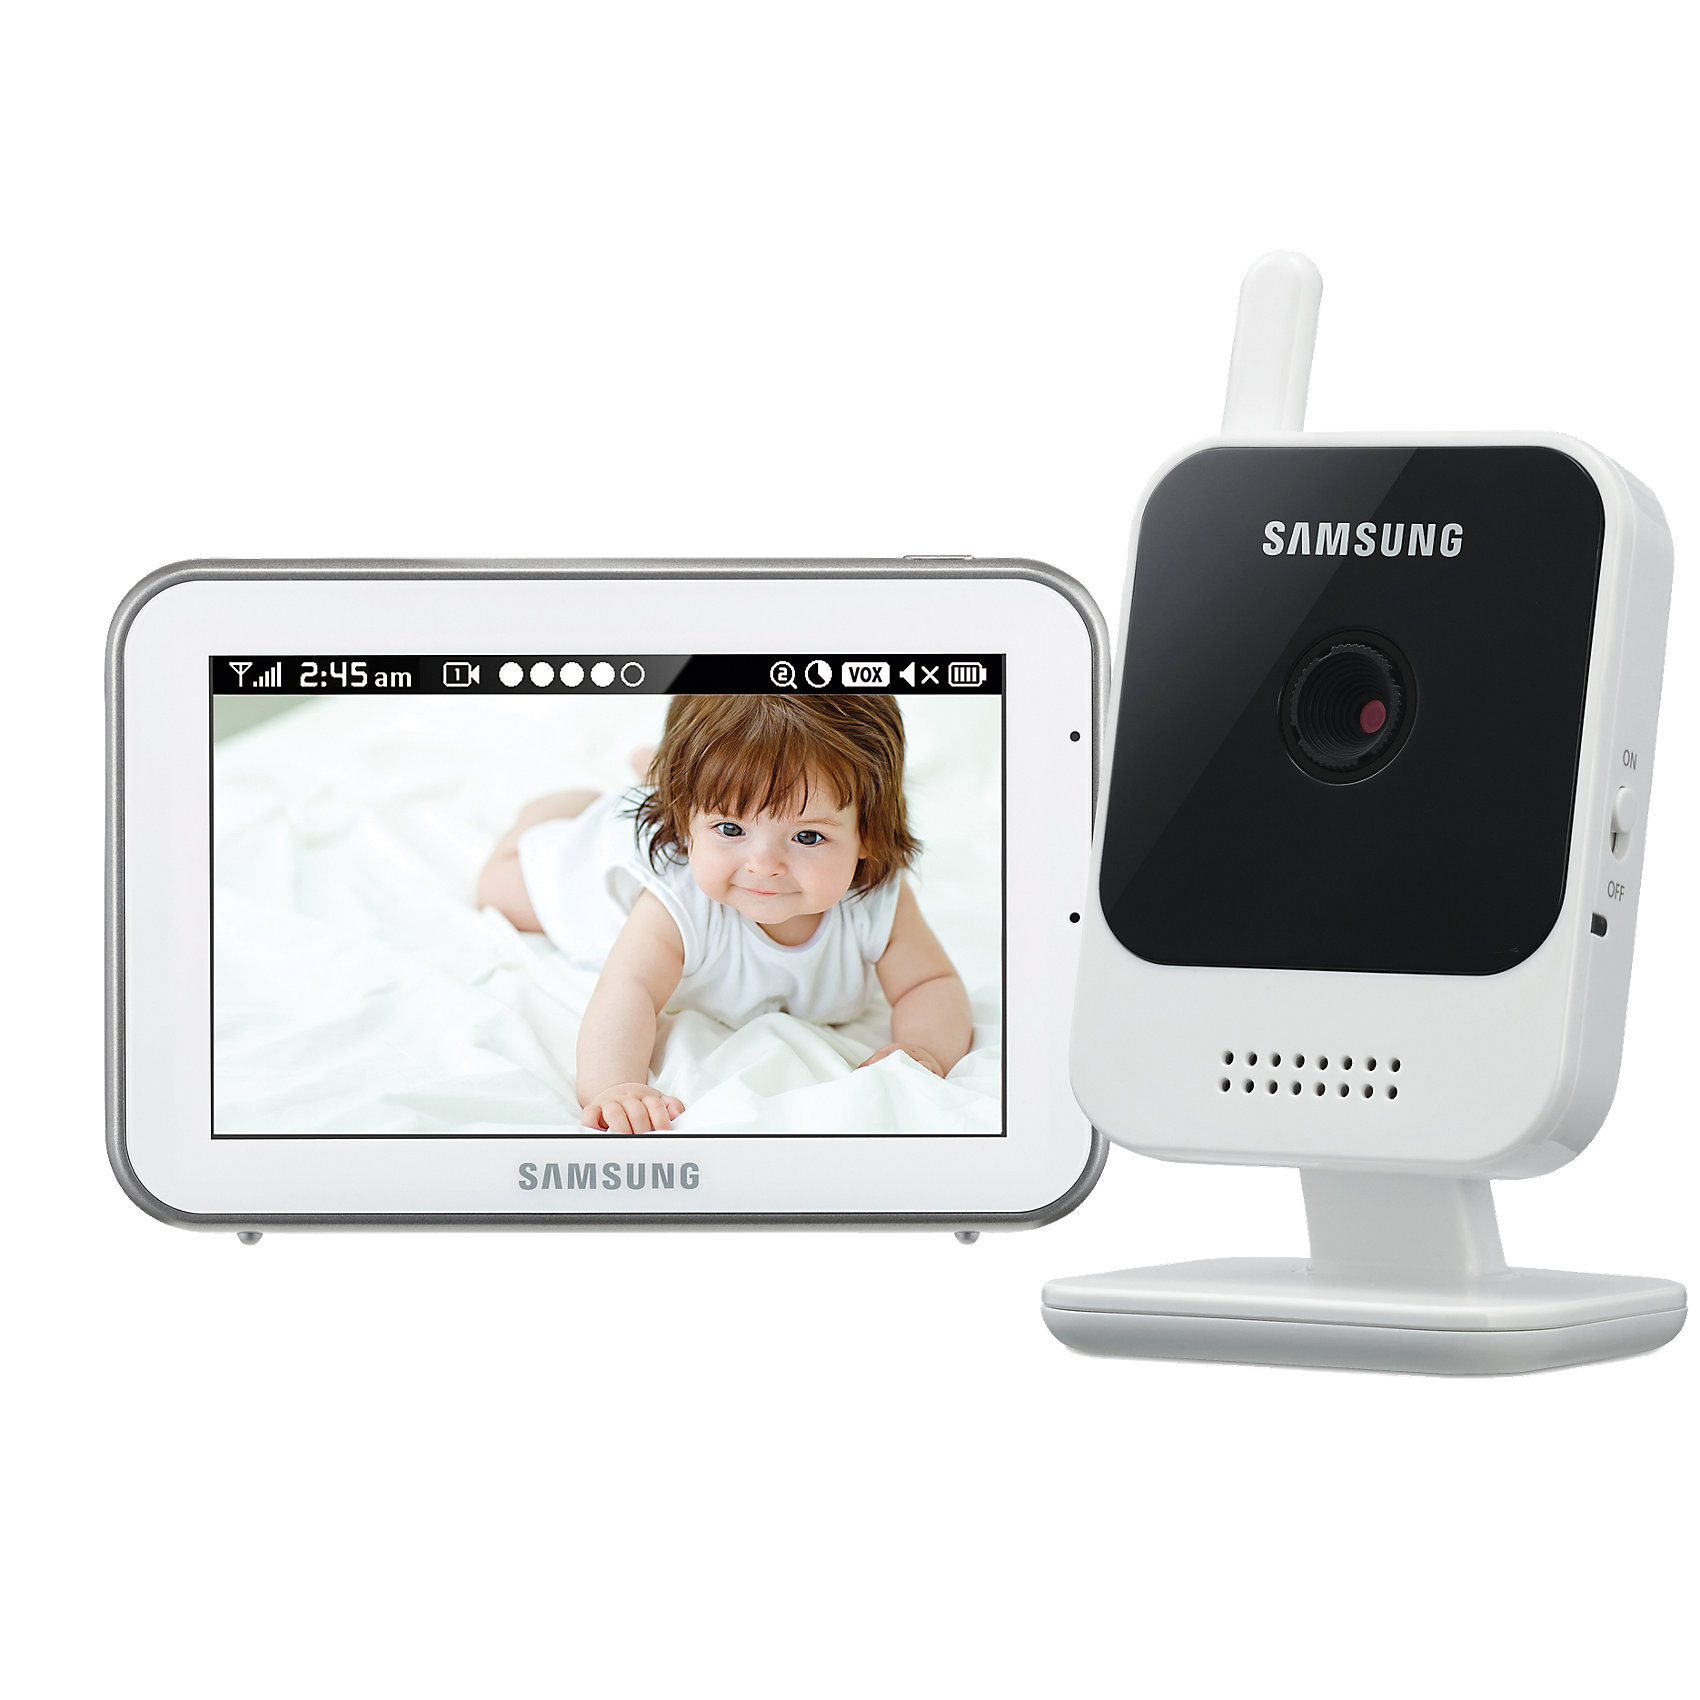 Видеоняня Sew-3042, SamsungДетская бытовая техника<br>Цифровая, дальность 300 м. Высокое качество изображения и звука. Камера HD 720p. Монитор 800х480px. Наклок камеры регулируется вручную. Дисплей 12,7 см (5 дюймов). Сенсорный экран. Двухсторонняя связь, колыбельные, VOX, ночное видение. Подавление помех.<br><br>Ширина мм: 290<br>Глубина мм: 236<br>Высота мм: 119<br>Вес г: 1036<br>Цвет: черный/белый<br>Возраст от месяцев: 0<br>Возраст до месяцев: 12<br>Пол: Унисекс<br>Возраст: Детский<br>SKU: 4980595